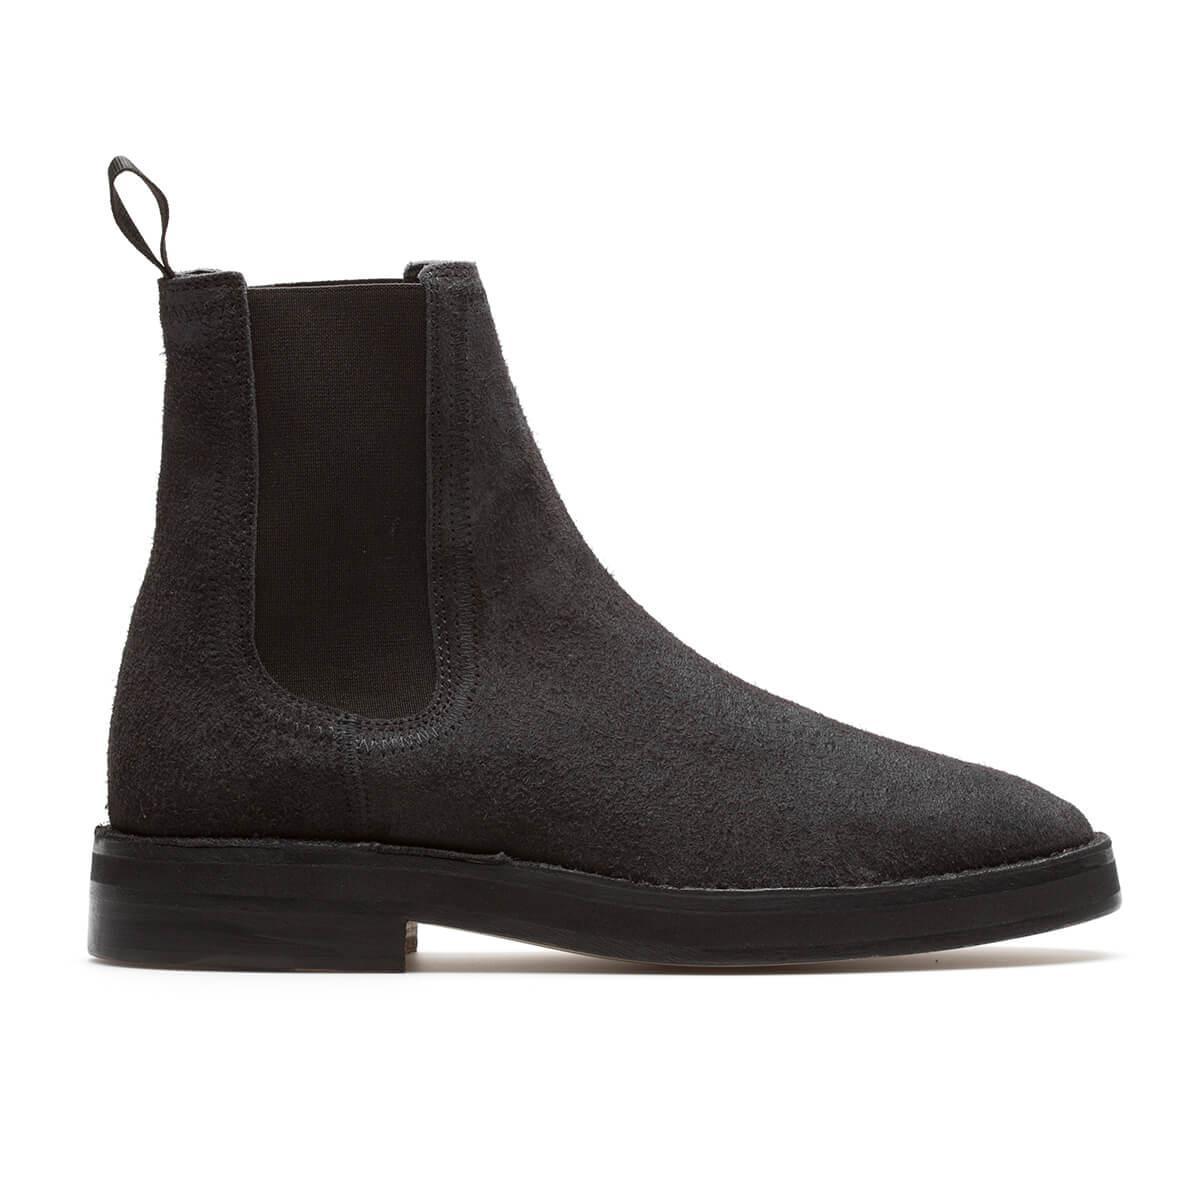 Yeezy Suede Black Chelsea Boots for Men